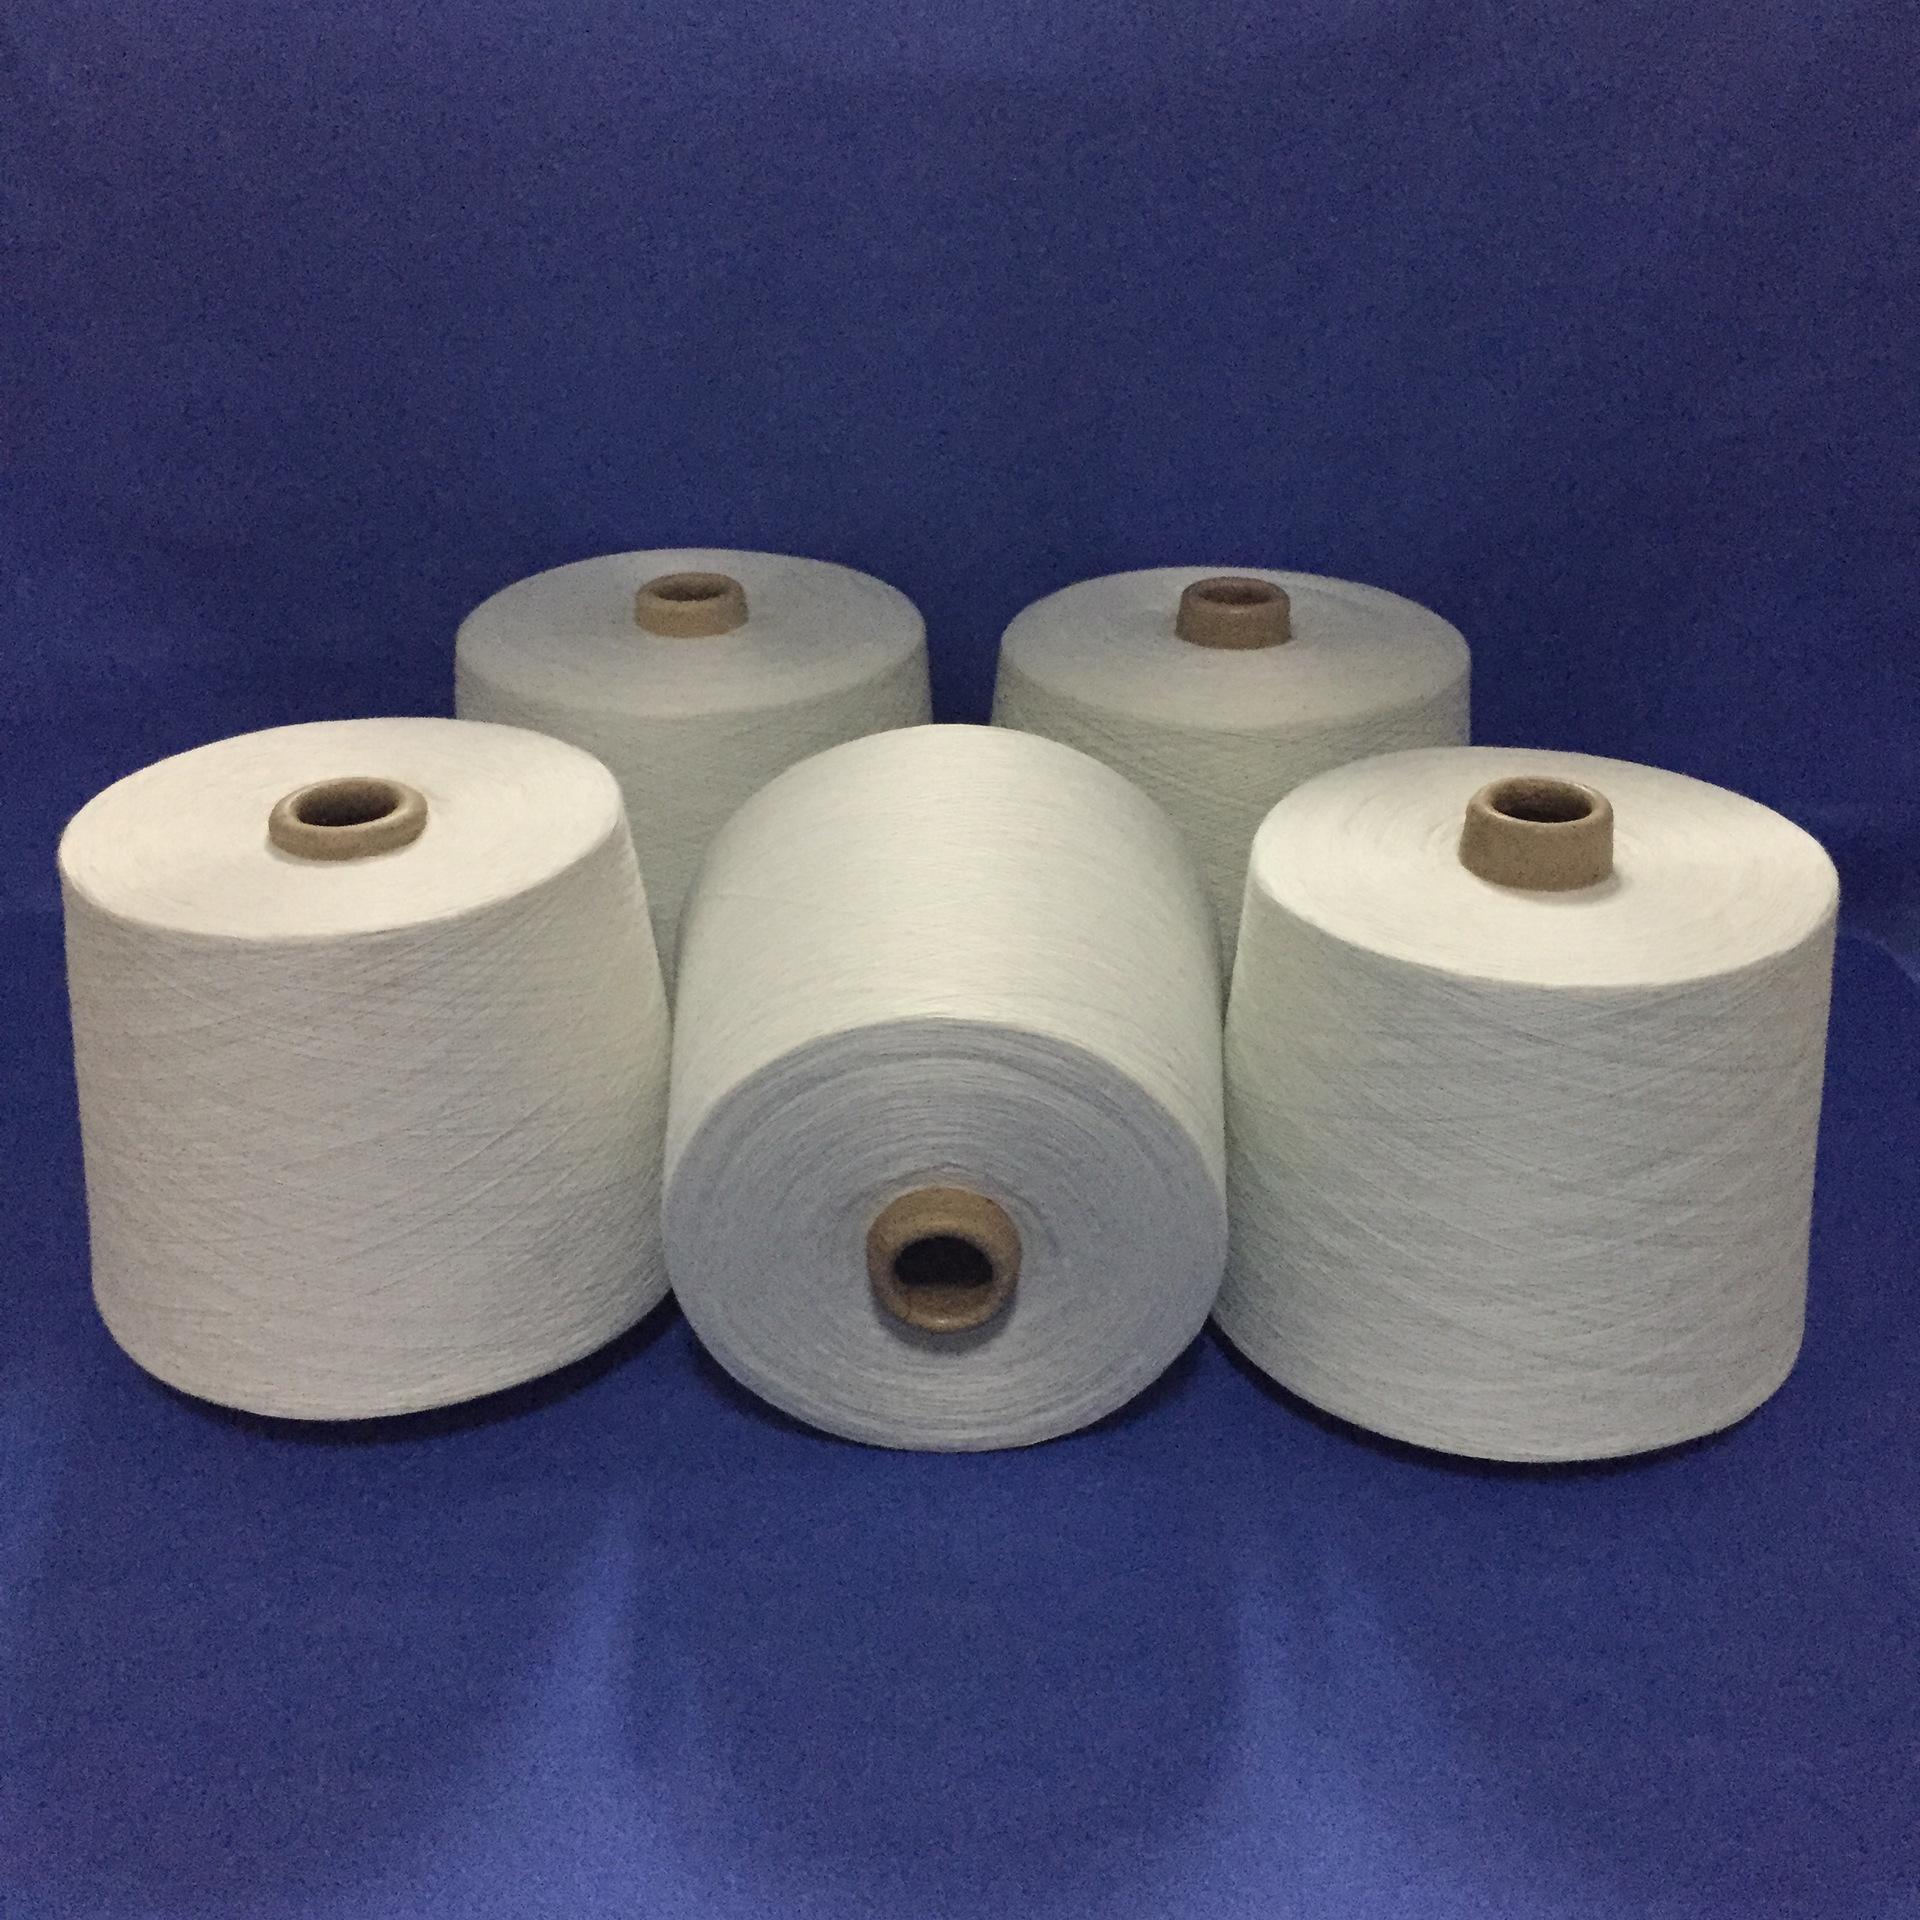 SANWEI Sợi pha , sợi tổng hợp Máy dệt kim sợi tự dệt T / C65 / 35 32